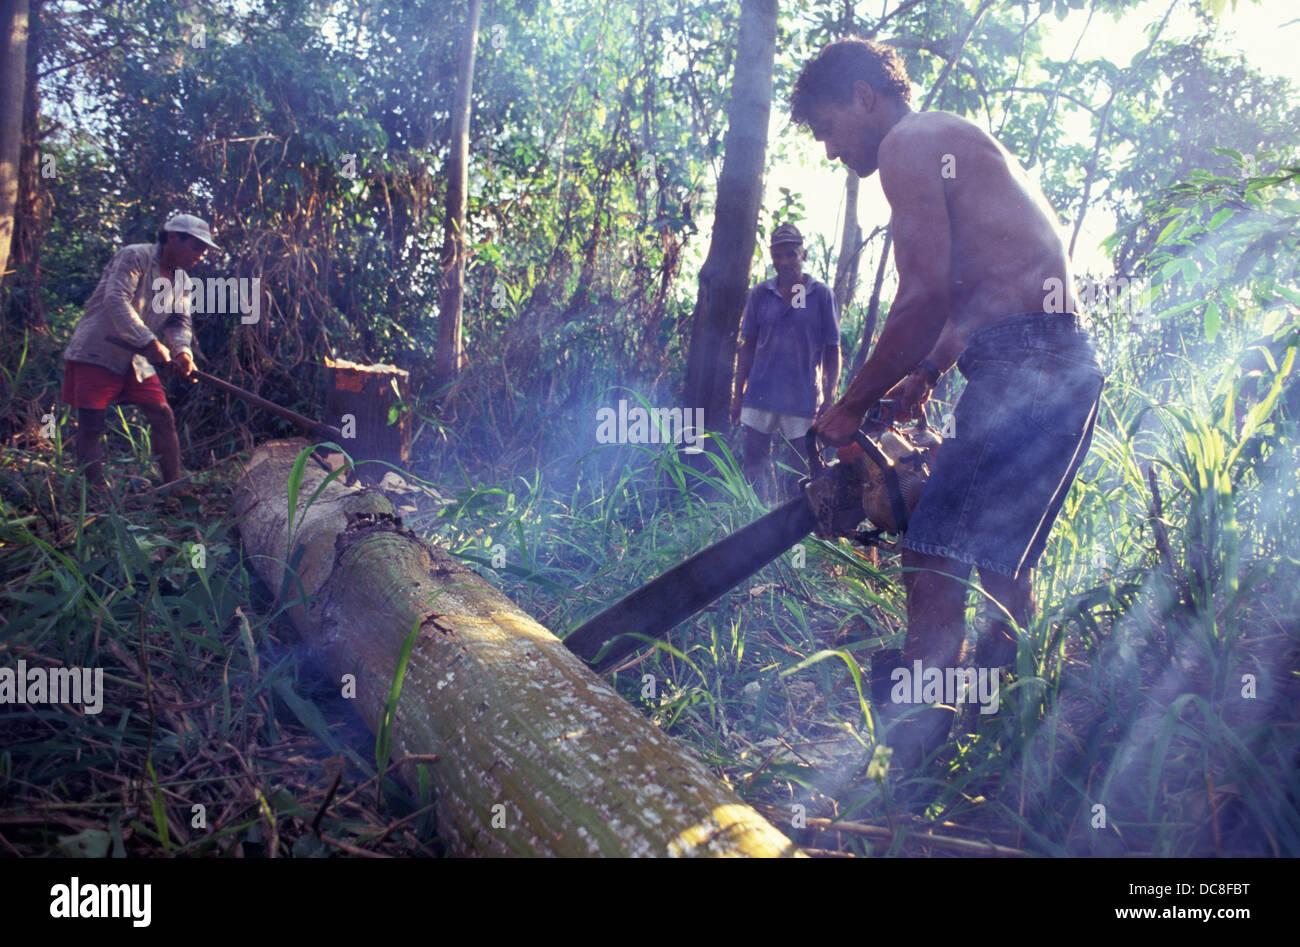 L'exploitation forestière illégale, la coupe d'arbre avec tronçonneuse, forêt amazonienne Photo Stock